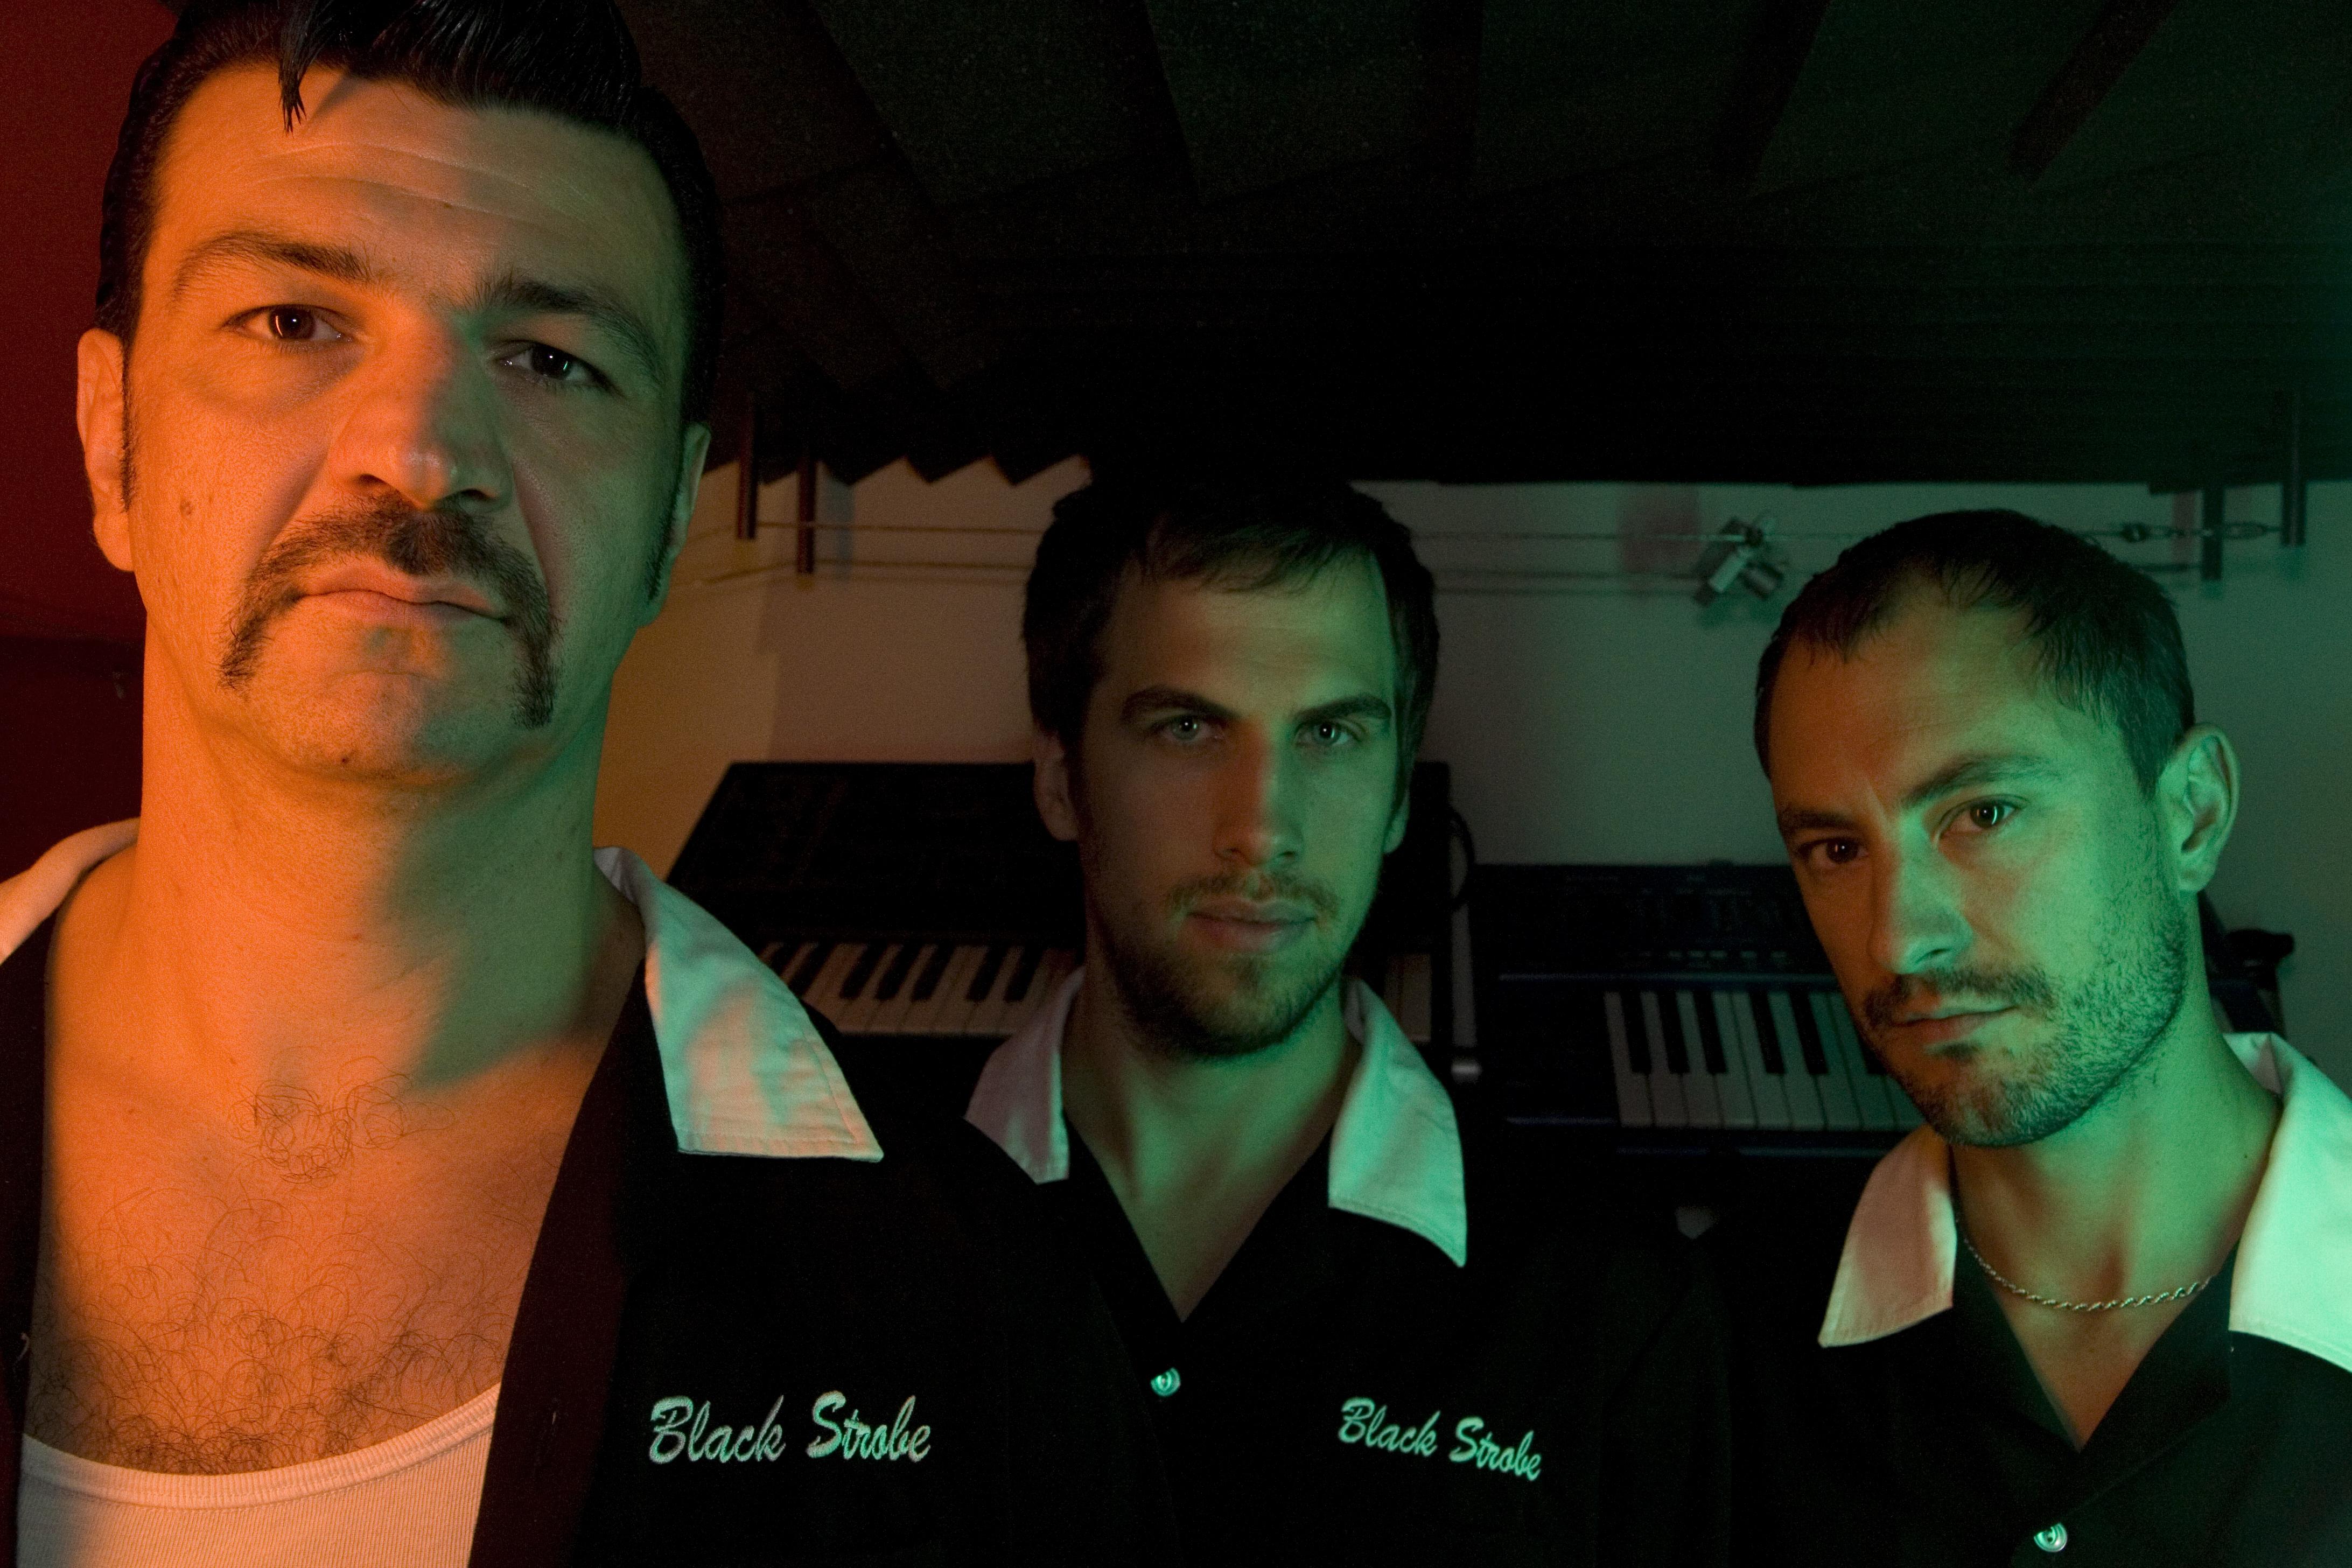 Black Strobe october 2010